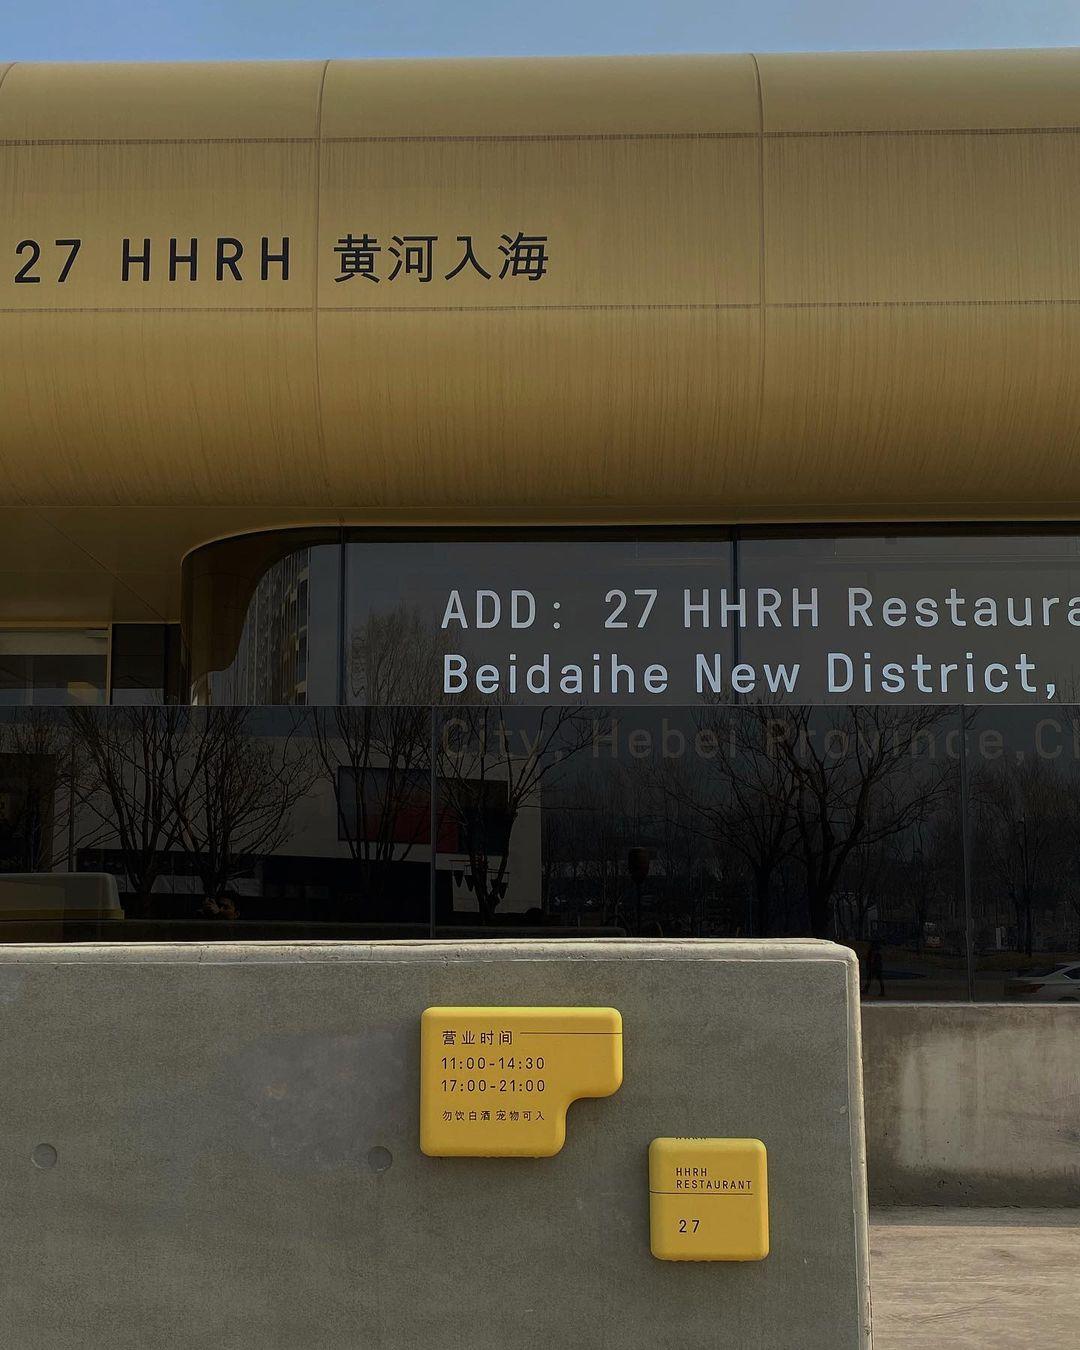 27 HRHH Restaurant